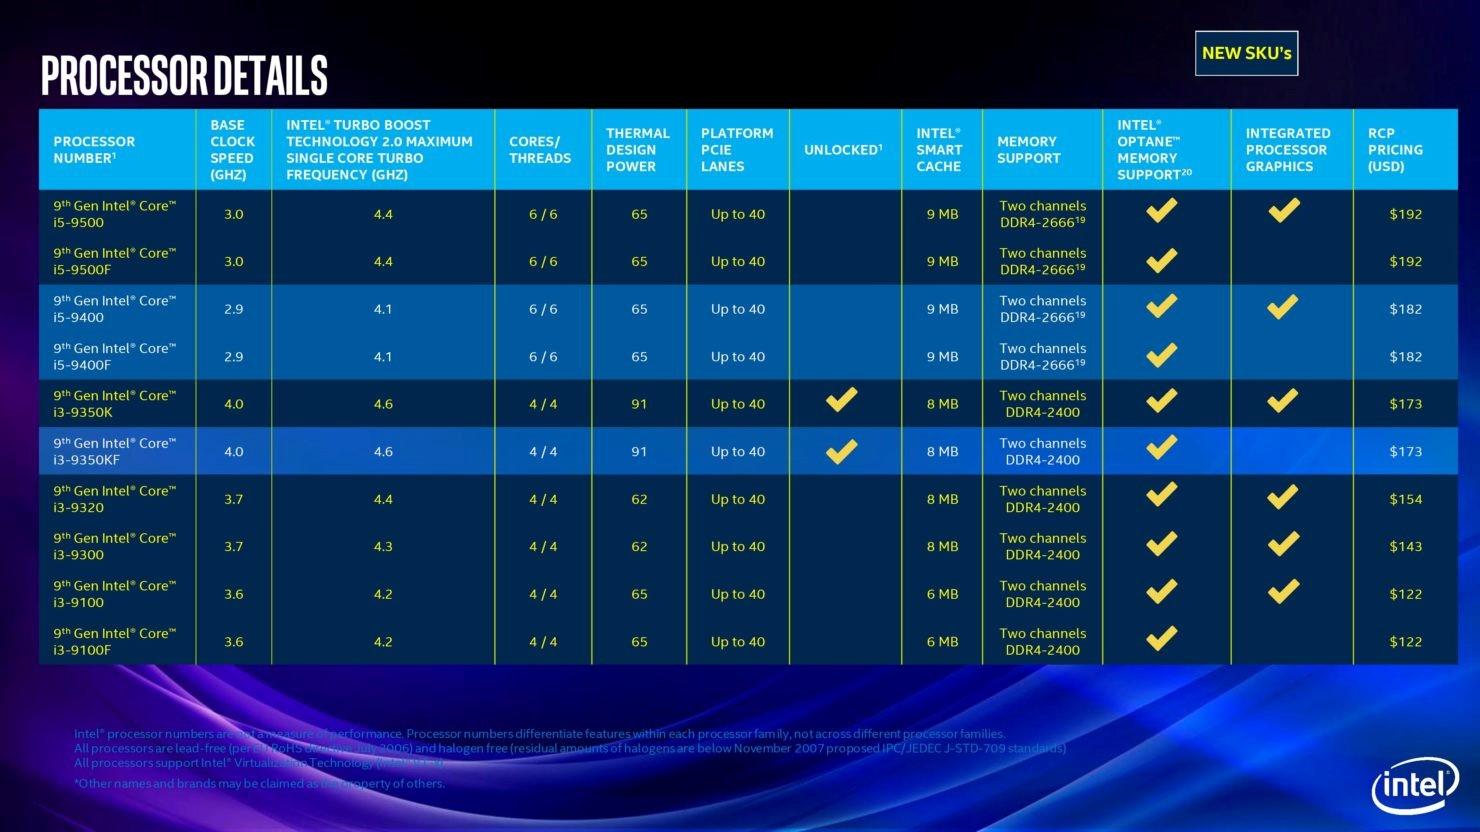 Processor details part two